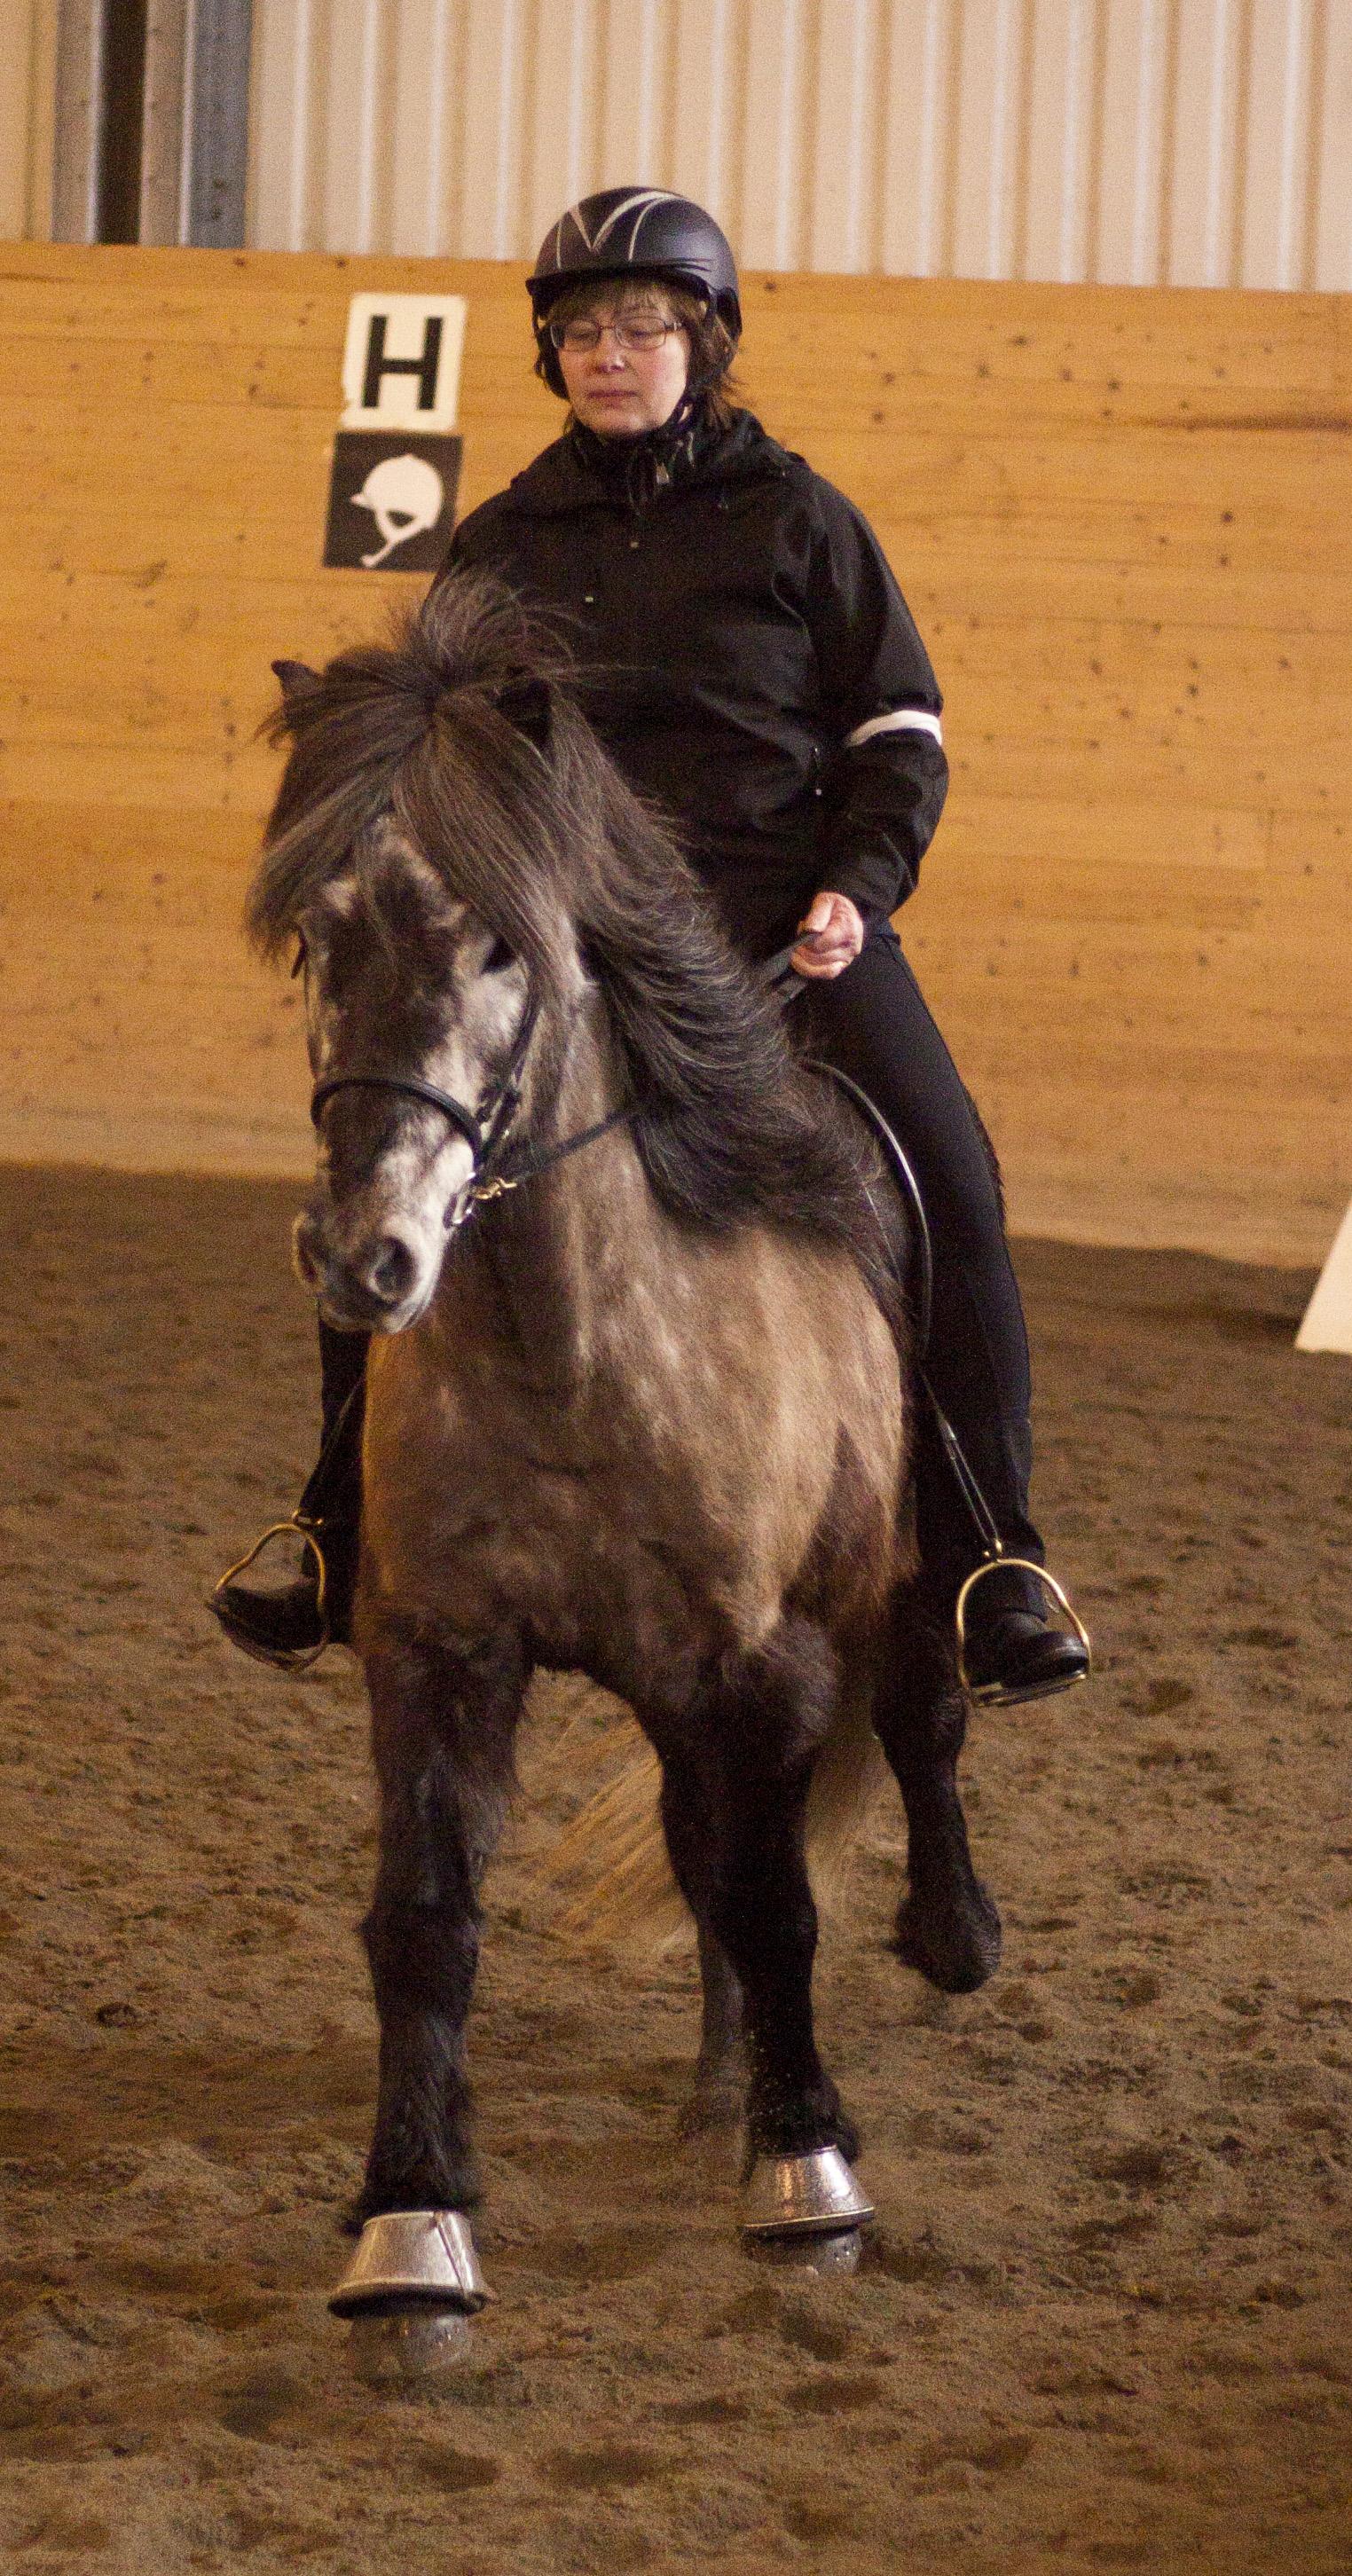 Islandshästtävling i Ånge 19 Mars. Foto: Ida Roim